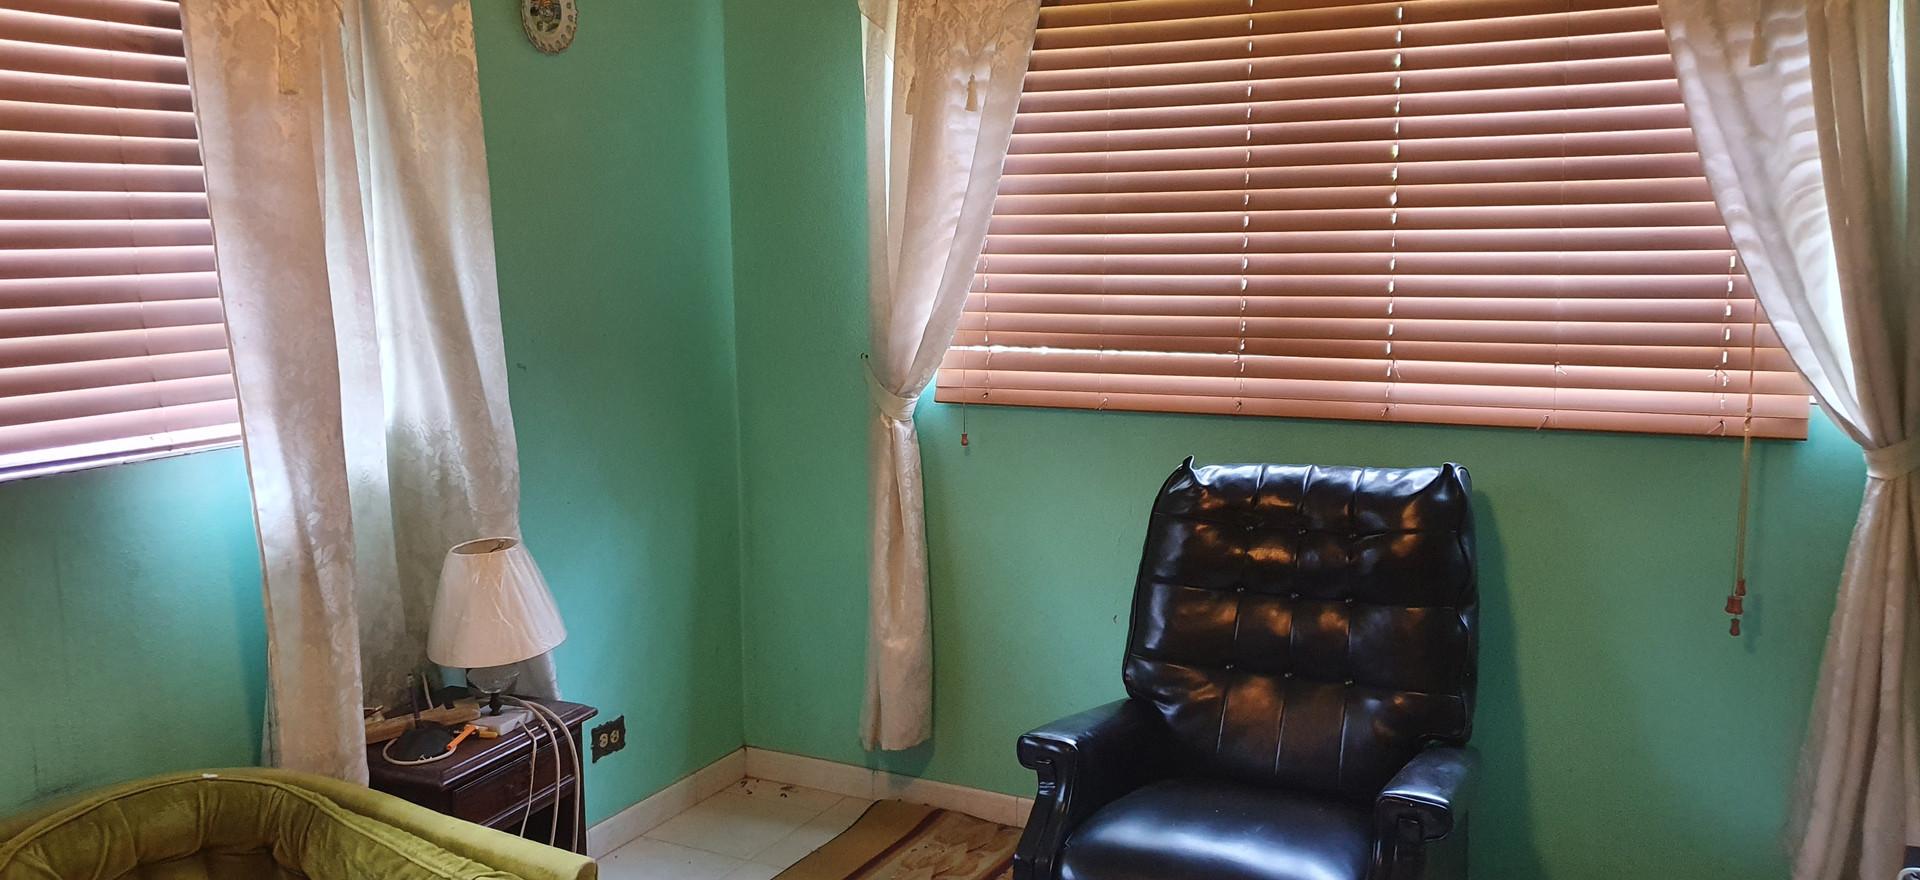 Bedroom used as sitting room